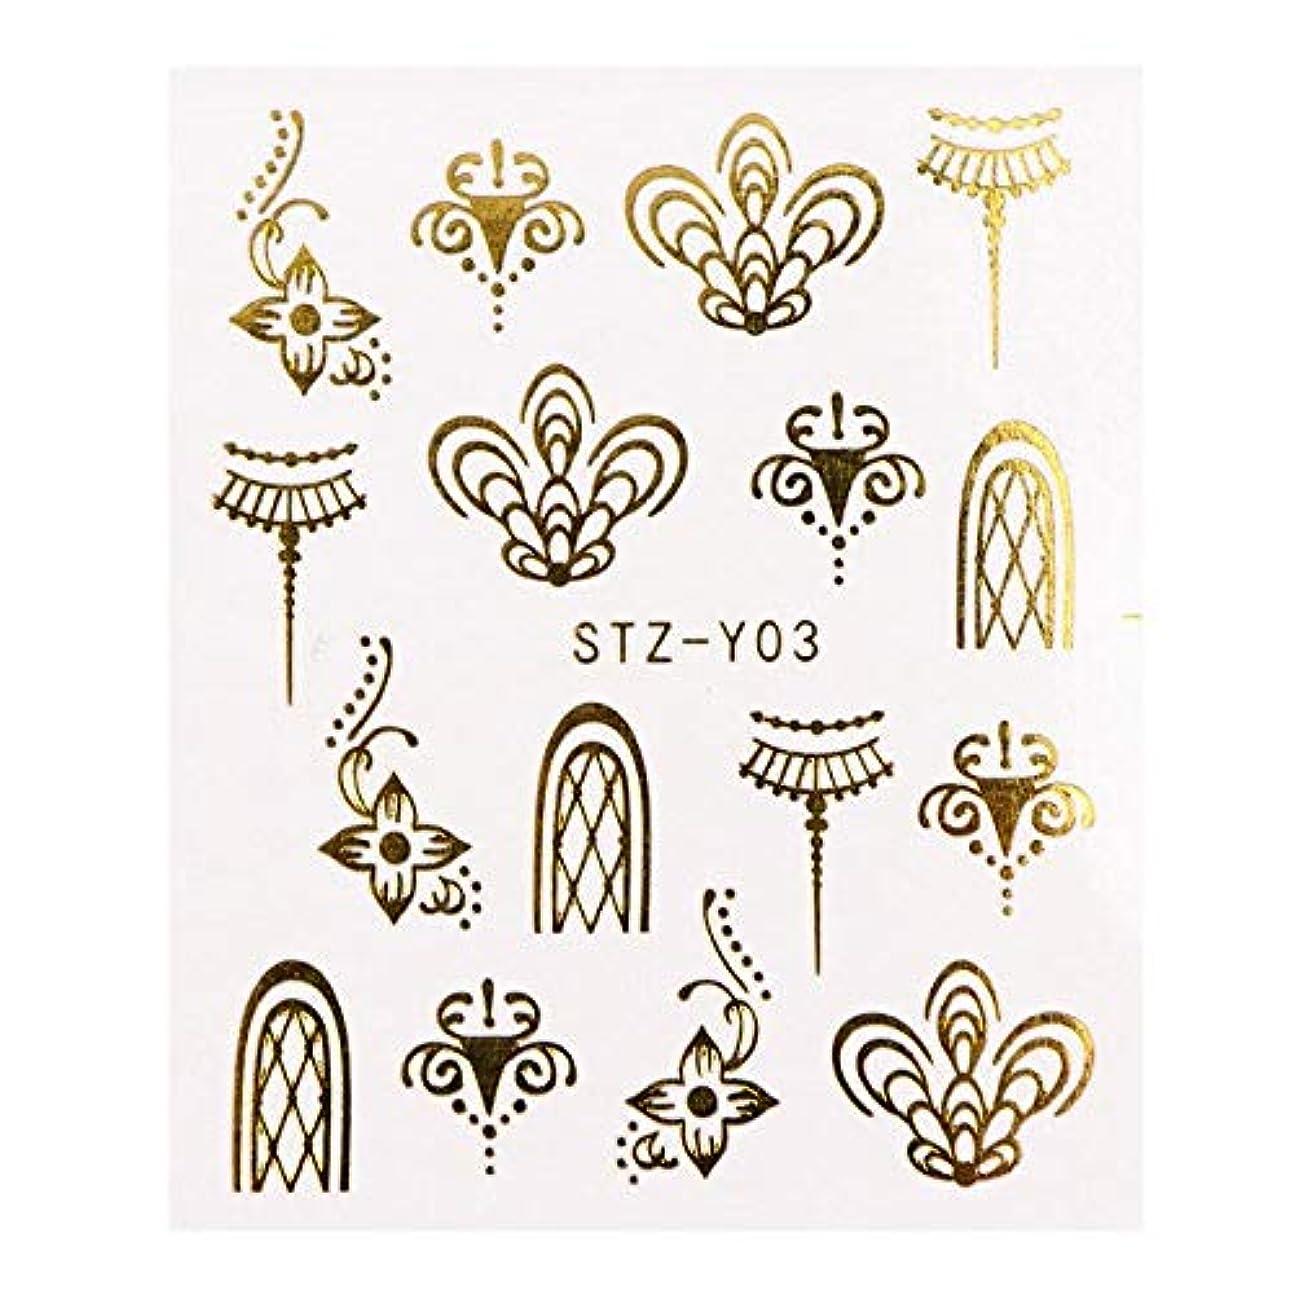 インク運命的な穏やかなSUKTI&XIAO ネイルステッカー 1シートゴールドネイルステッカーネックレス花動物葉ジュエリー水デカールスライダー用マニキュアアクセサリー装飾